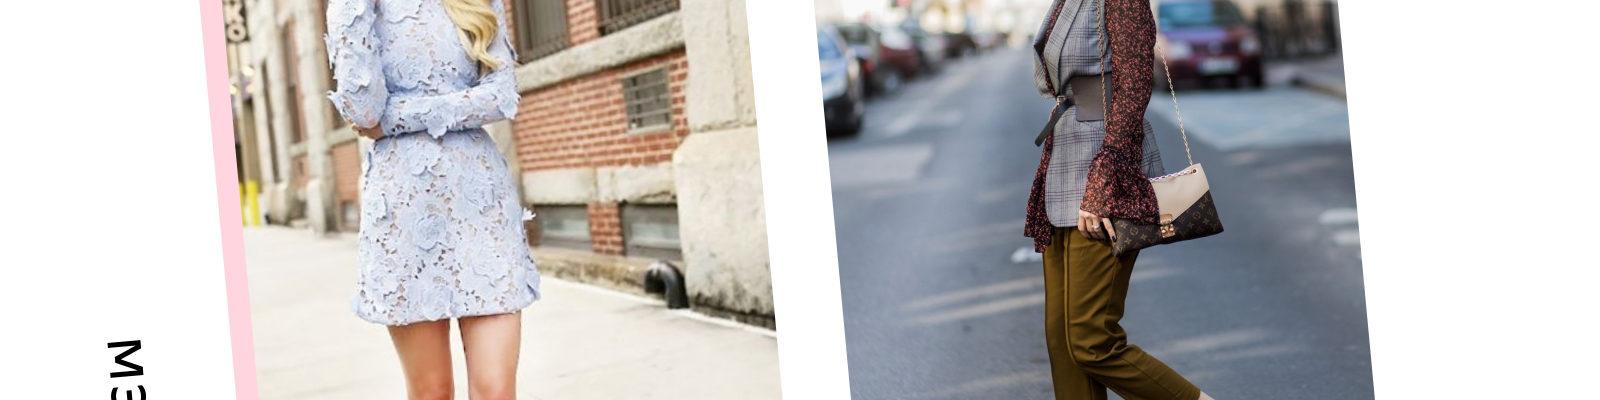 Безымянный коллаж 1600x400 - Путеводитель по женской обуви, что купить, а что выбросить